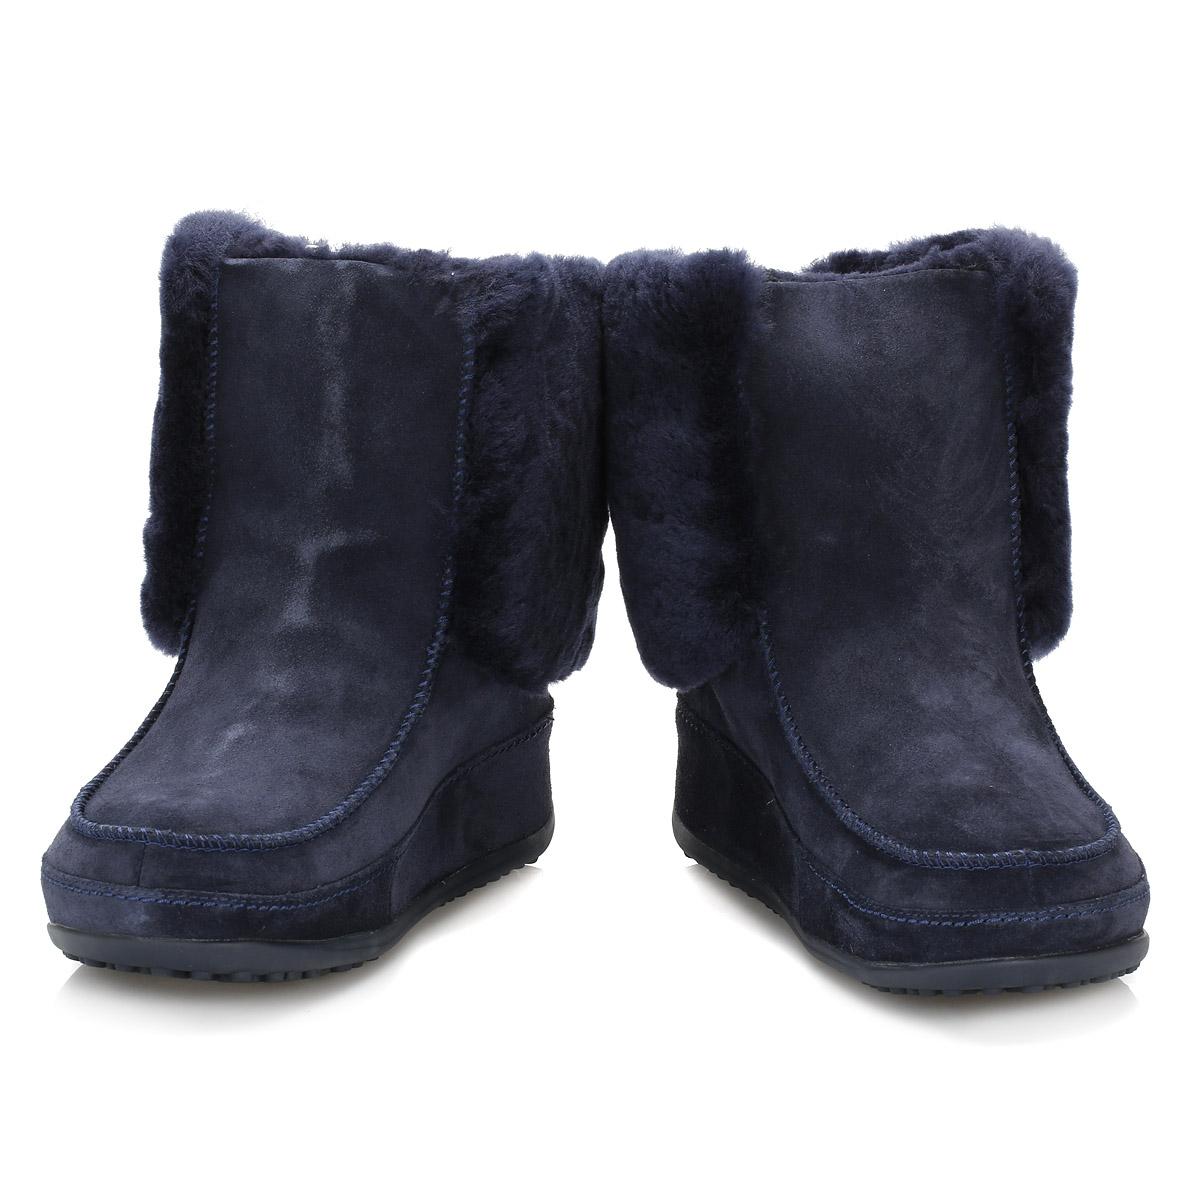 FitFlop Women Navy Blue Suede Boots, Supercuff Mukluk